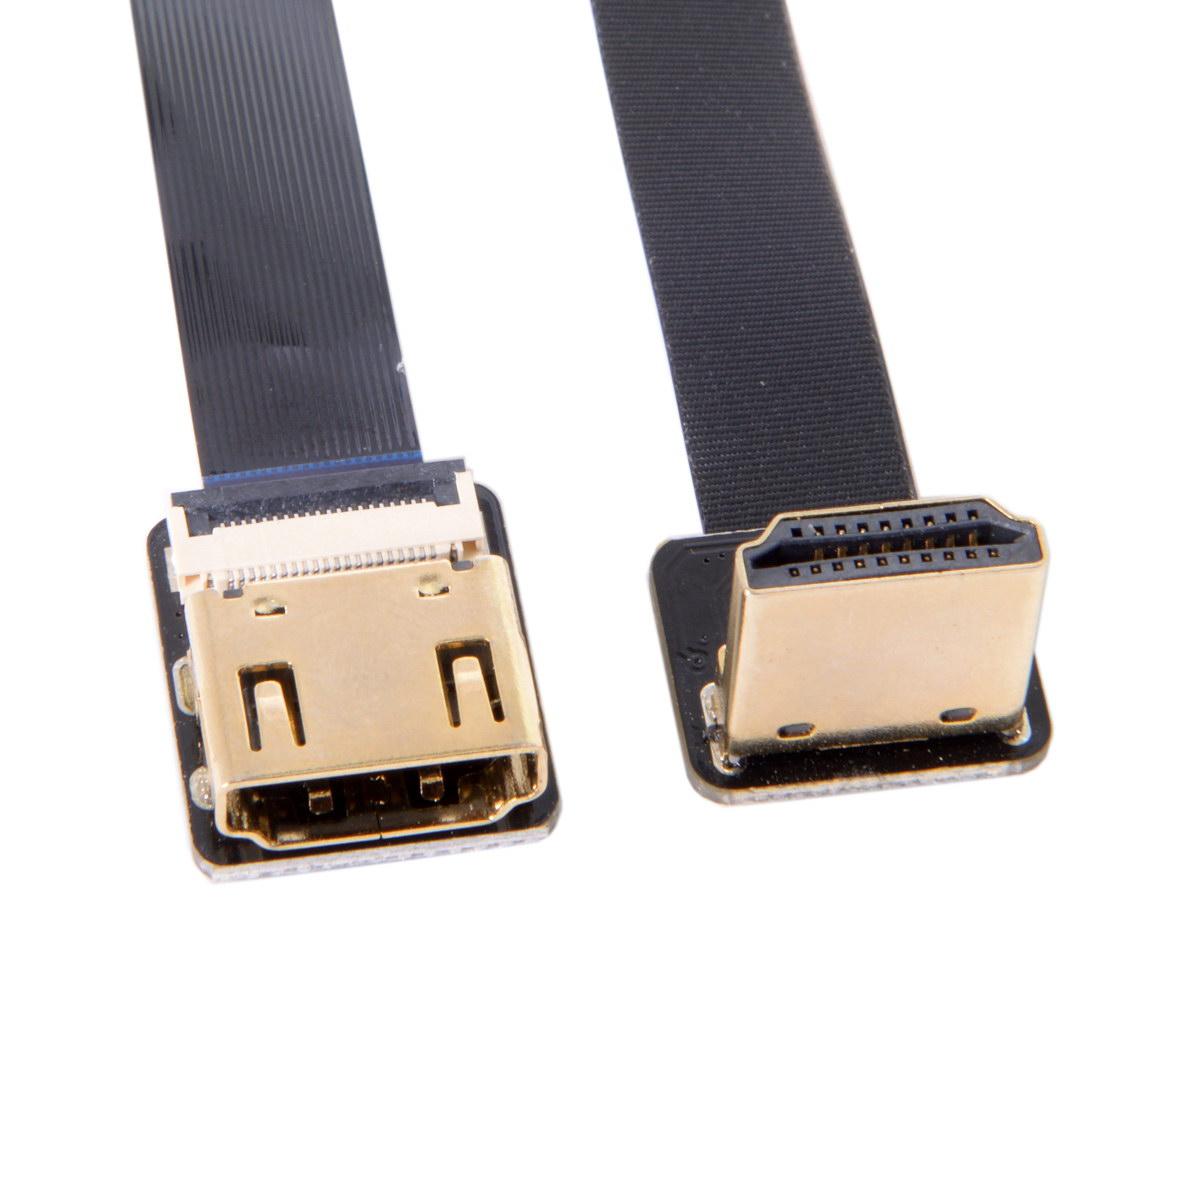 10 pcs/lot 20cm 50cm CYFPV HDMI mâle à femelle FPC câble plat pour caméra HDTV Multicopter photographie aérienne noir vers le bas